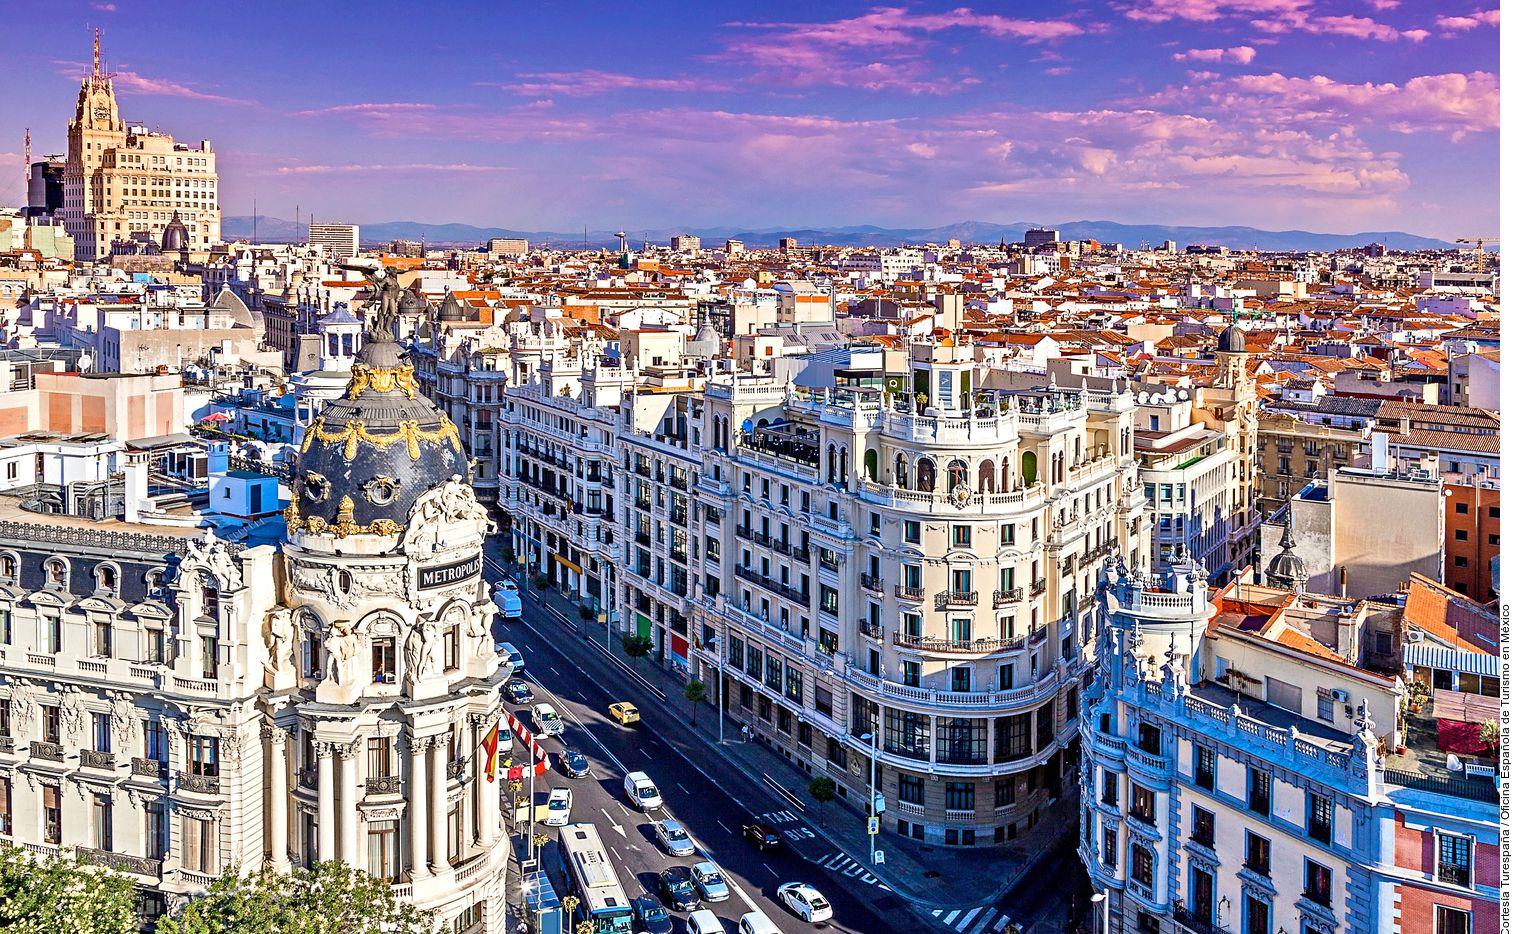 Madrid, la capital de España, con sus rascacielos y recintos feriales, atrae pujantes negocios y con su perfil más añejo imanta tanto a primerizos como a quienes la siguen prefiriendo como puerta de entrada o salida en su viaje a Europa.